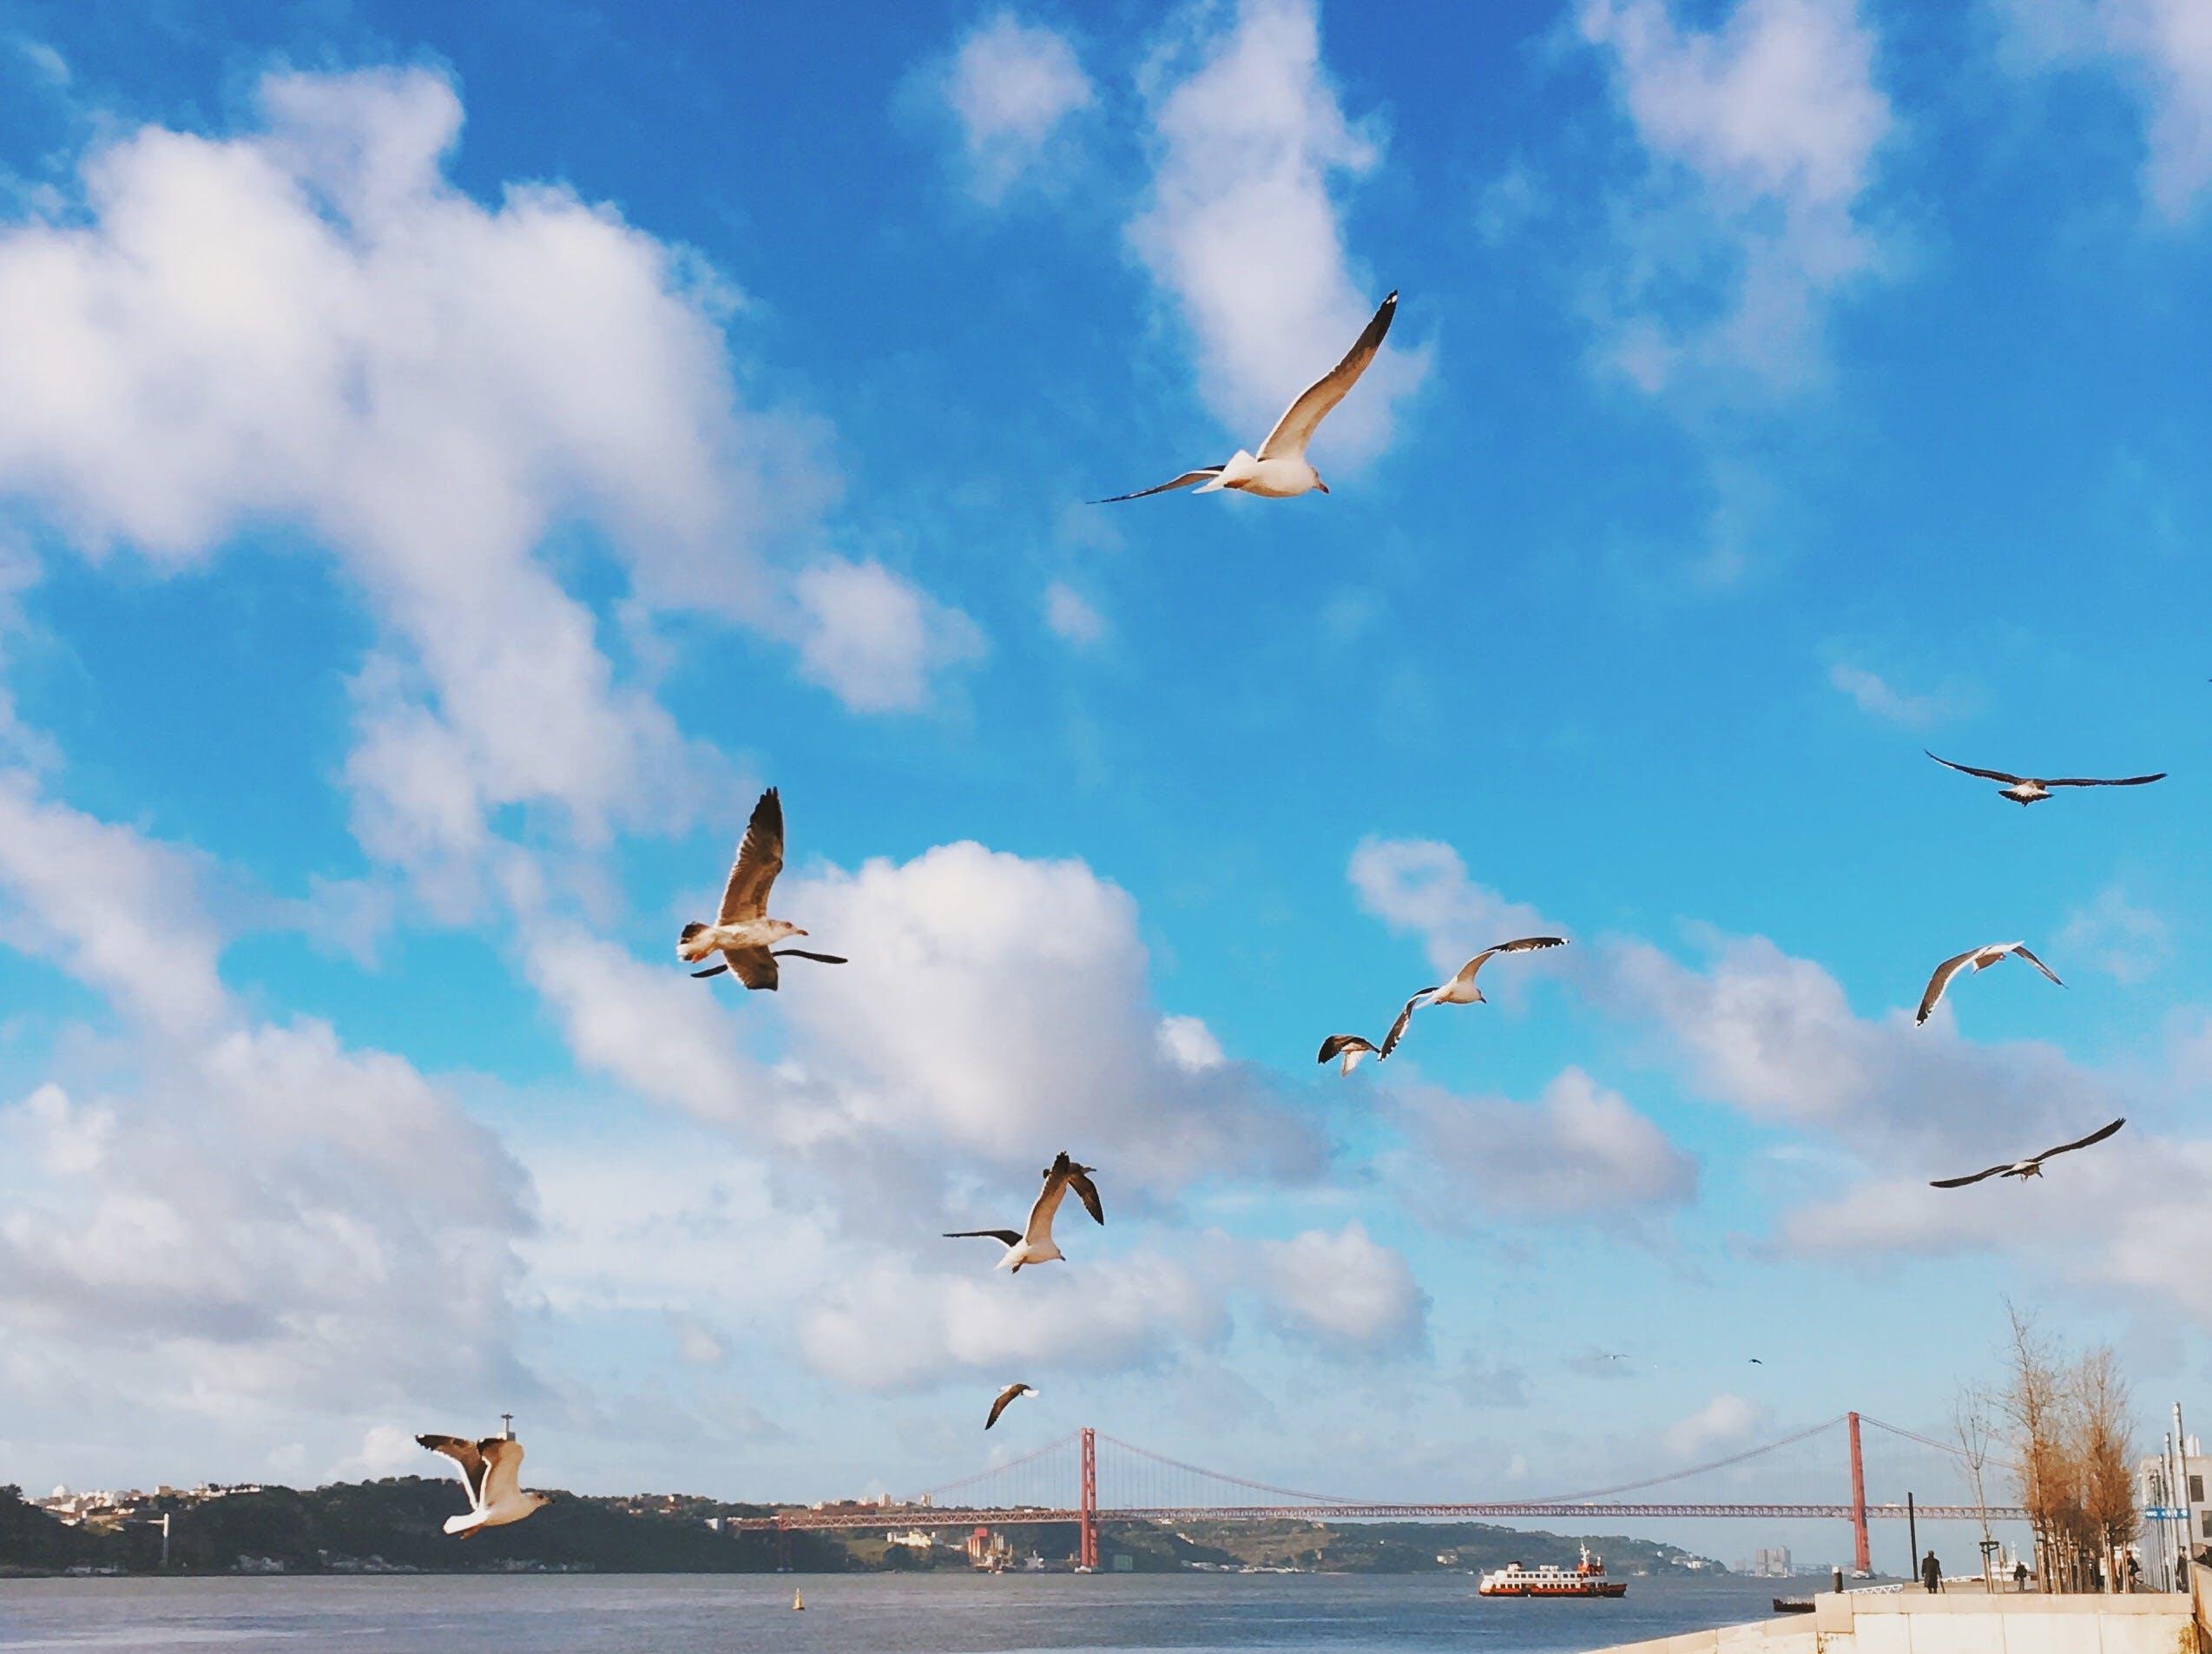 Free stock photo of 25 de abril bridge, Lisboa, Lisbon, ponte 25 de abril